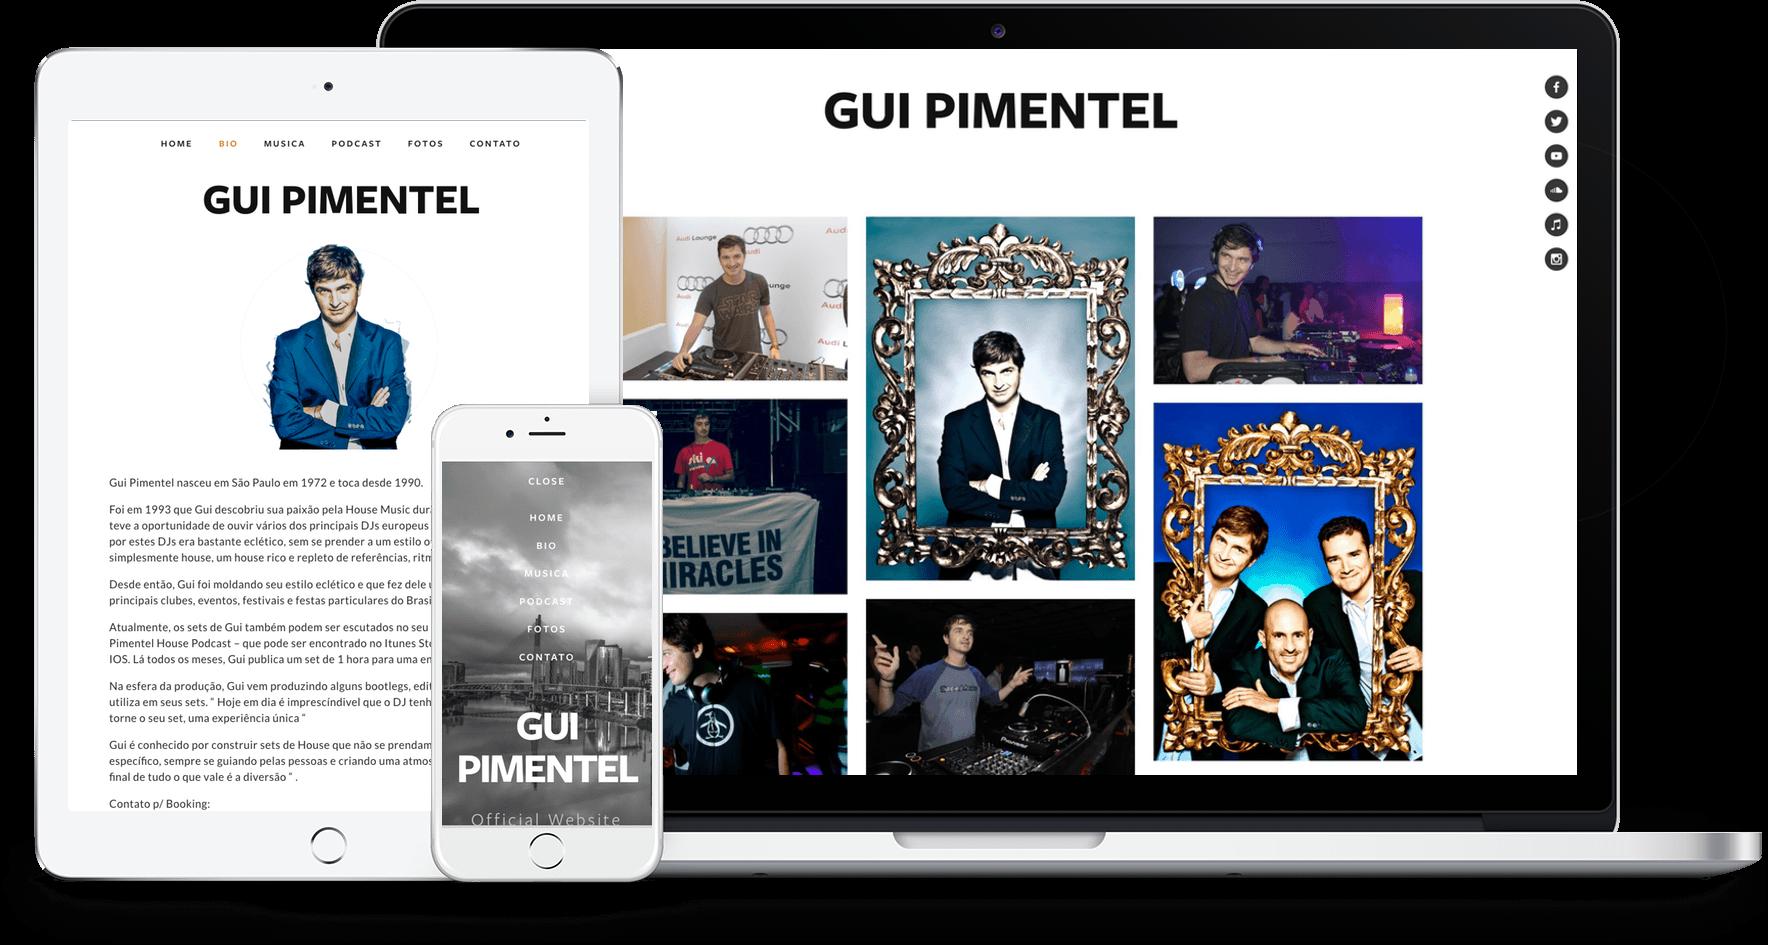 Site Dj Gui Pimentel no Squarespace.